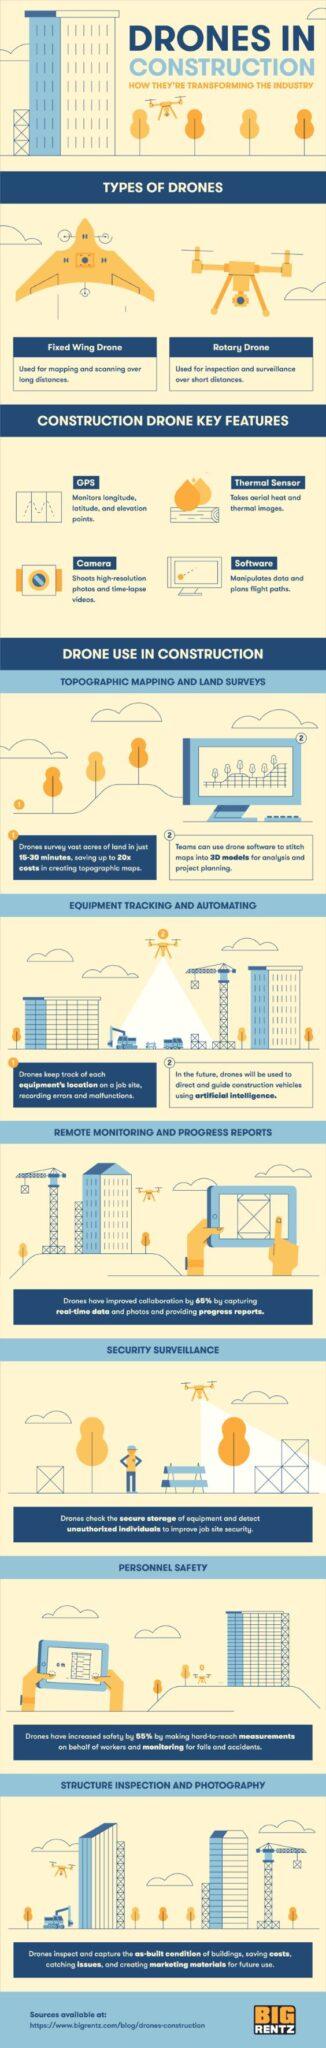 BigRentz drone infographic